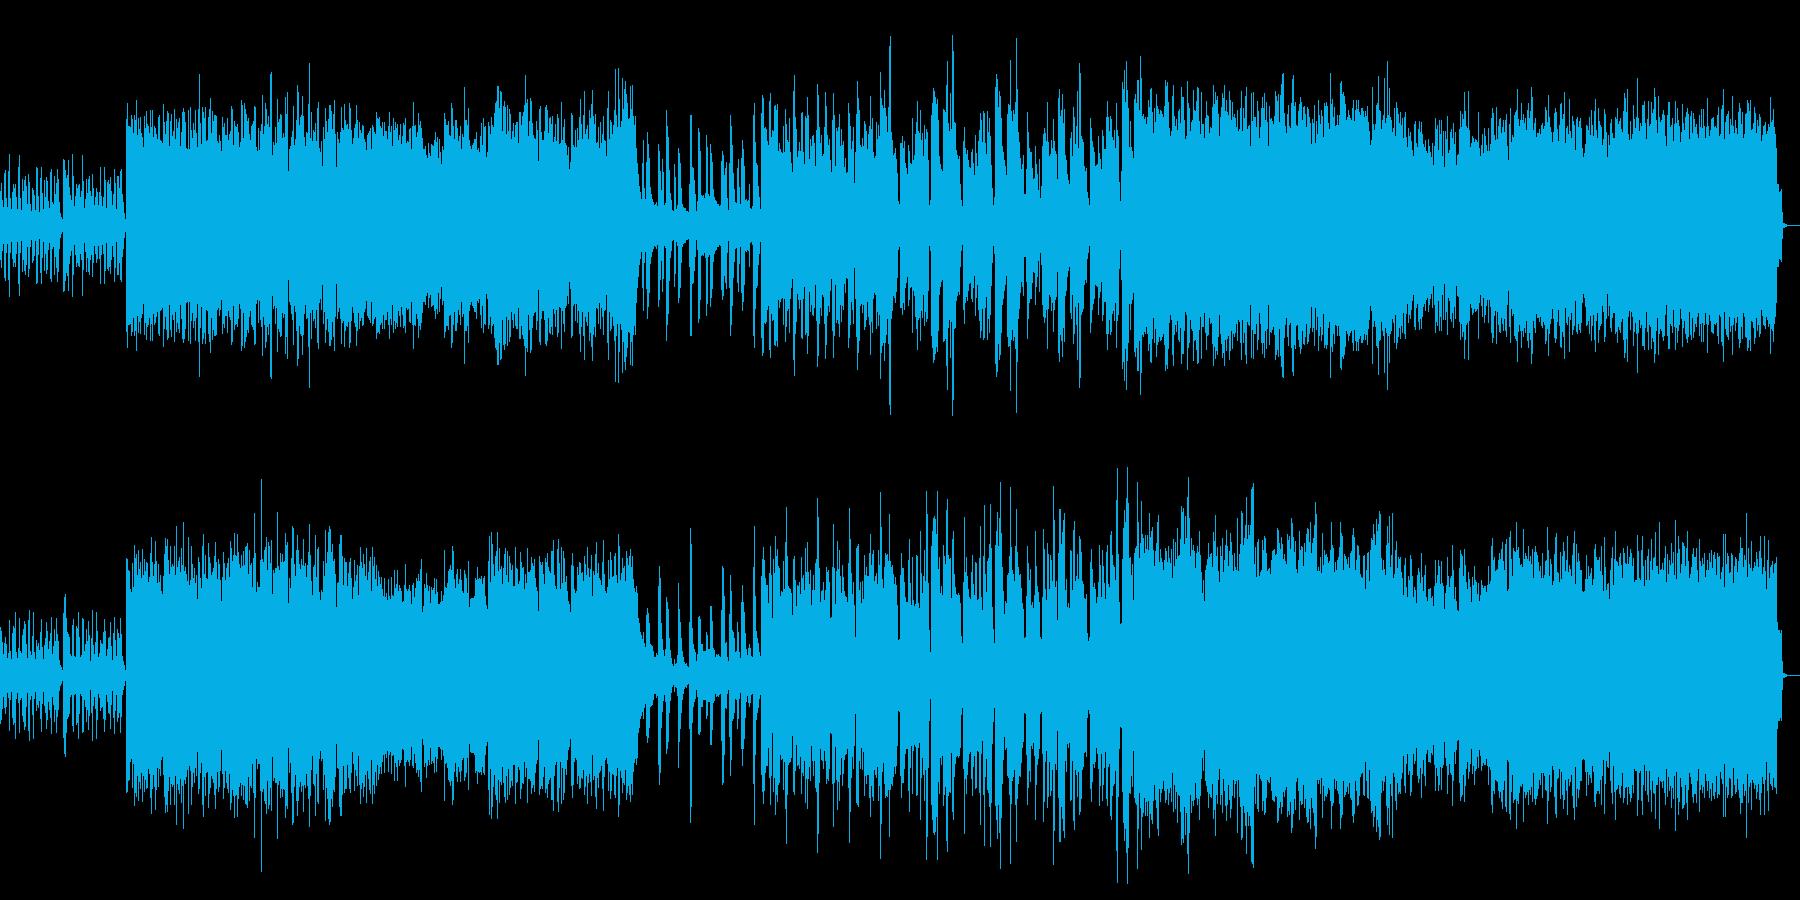 ストリングスのハードロックなバンドBGMの再生済みの波形